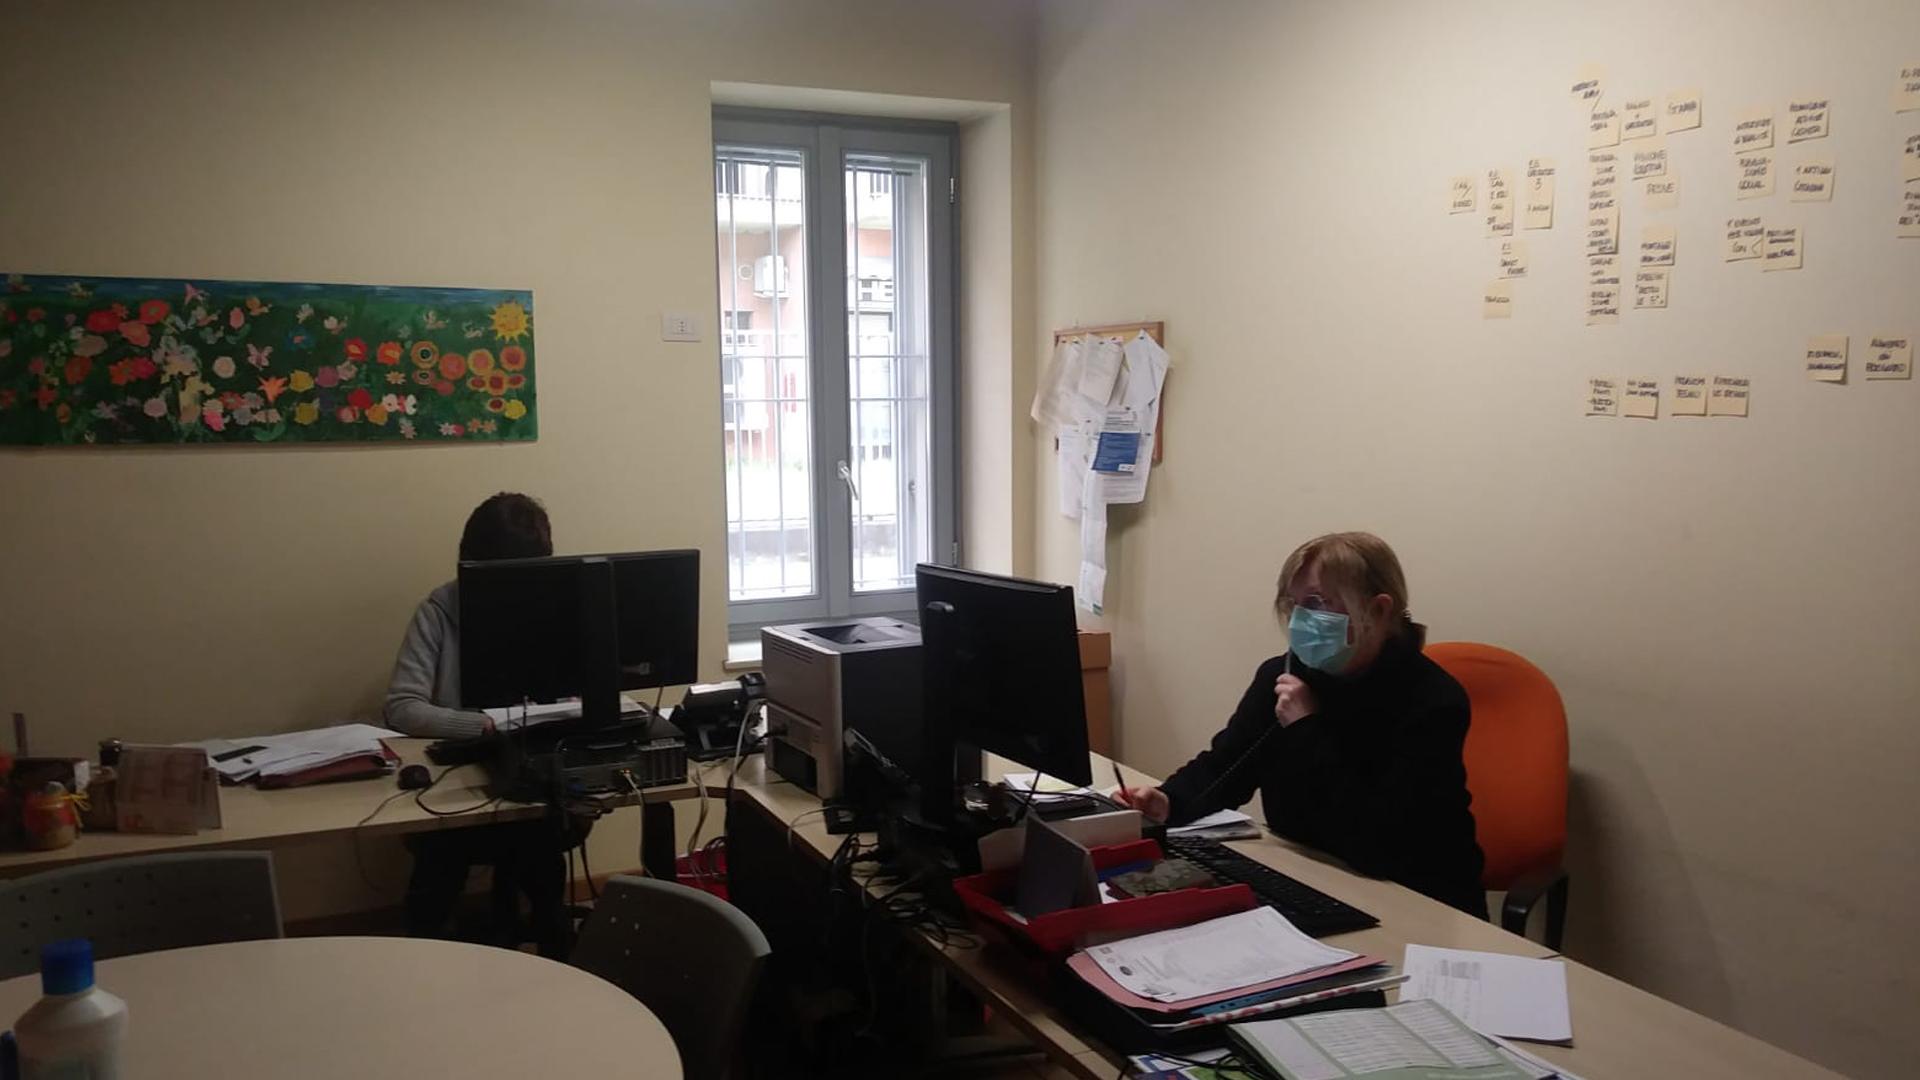 Italia in isolamento: la situazione a San Donato Milanese